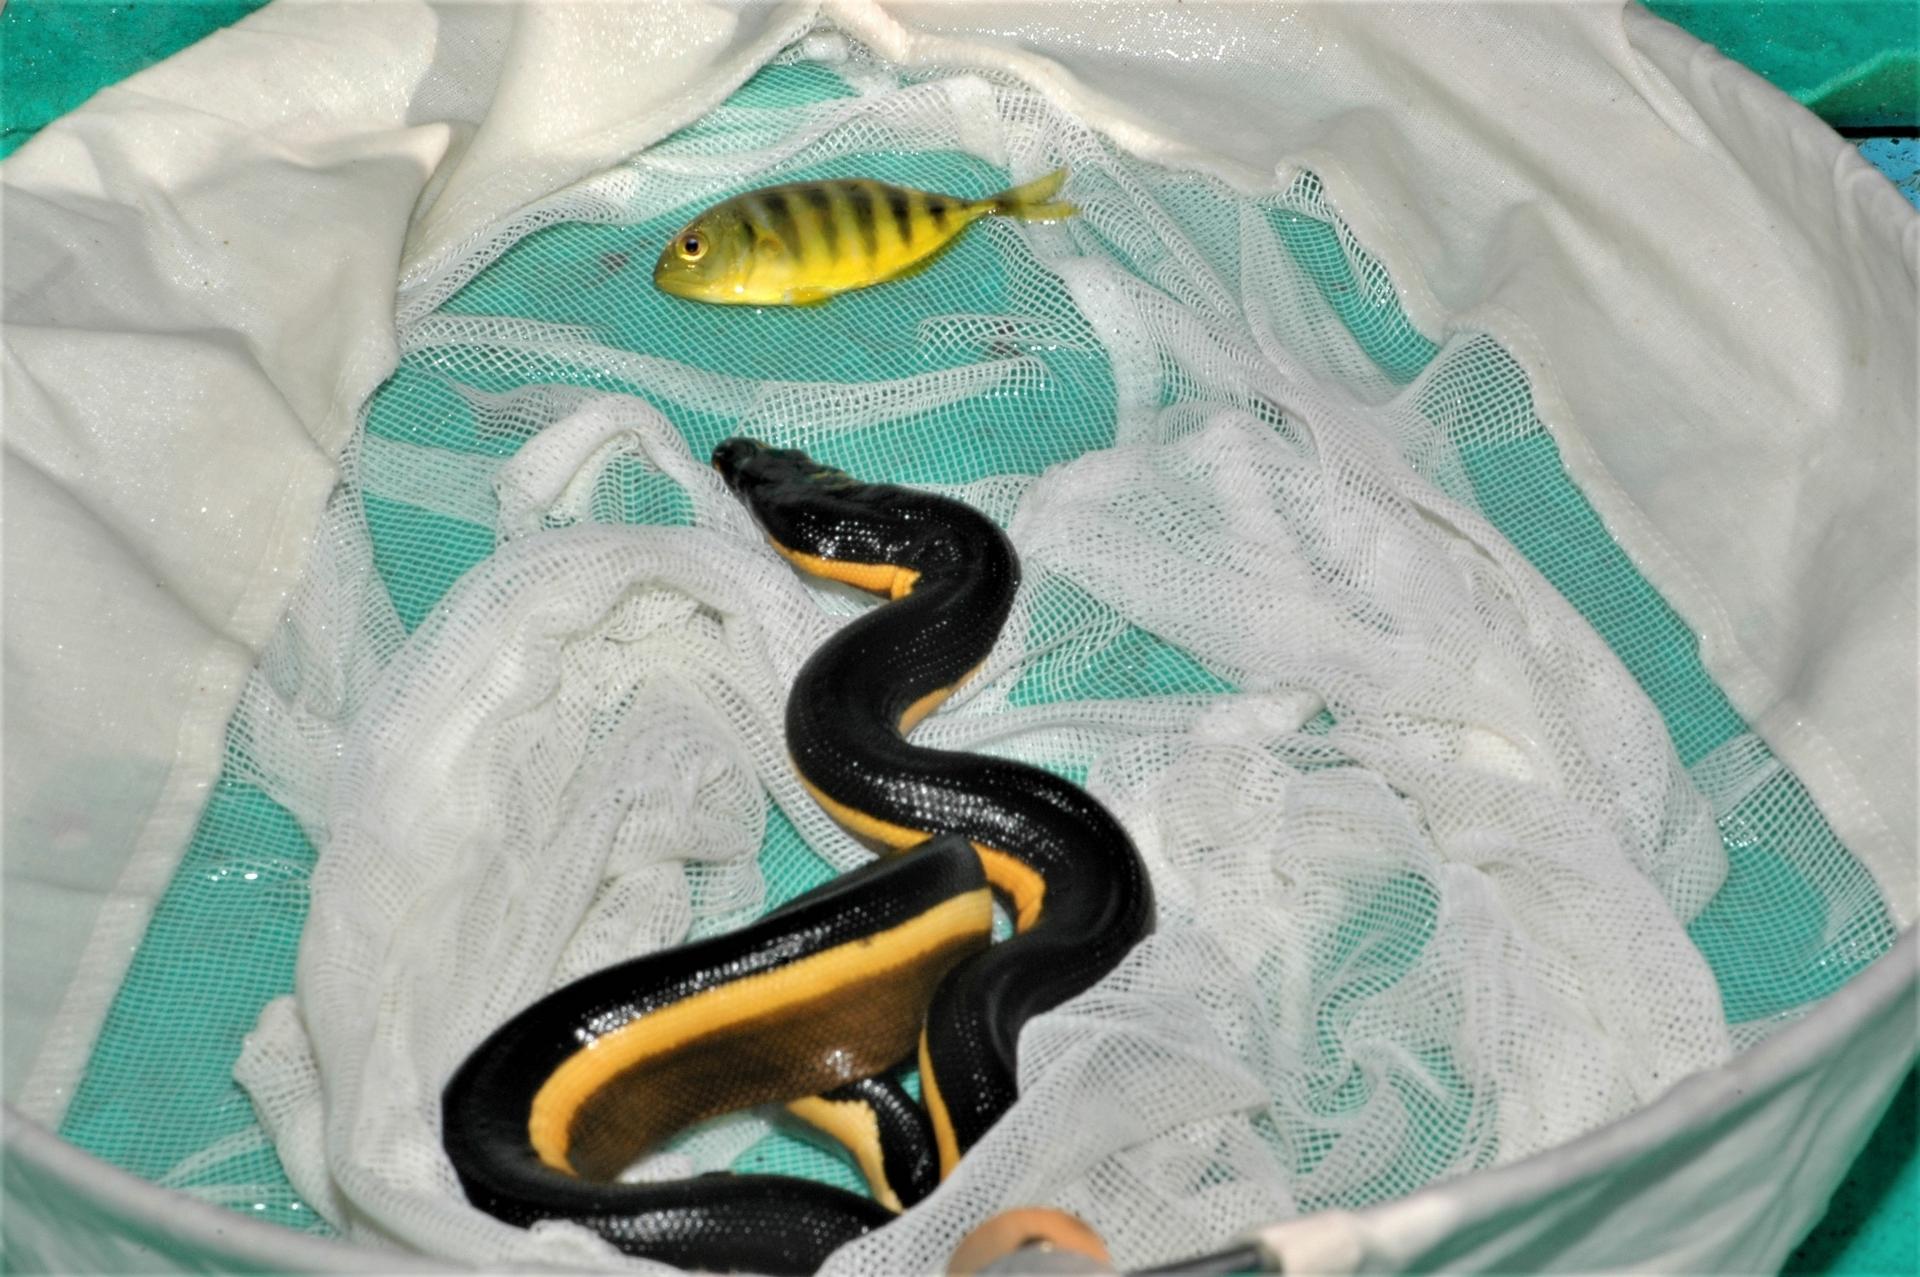 從海面上撈起黑背海蛇時常會撈起躲在牠們身下的小魚。攝影:杜銘章